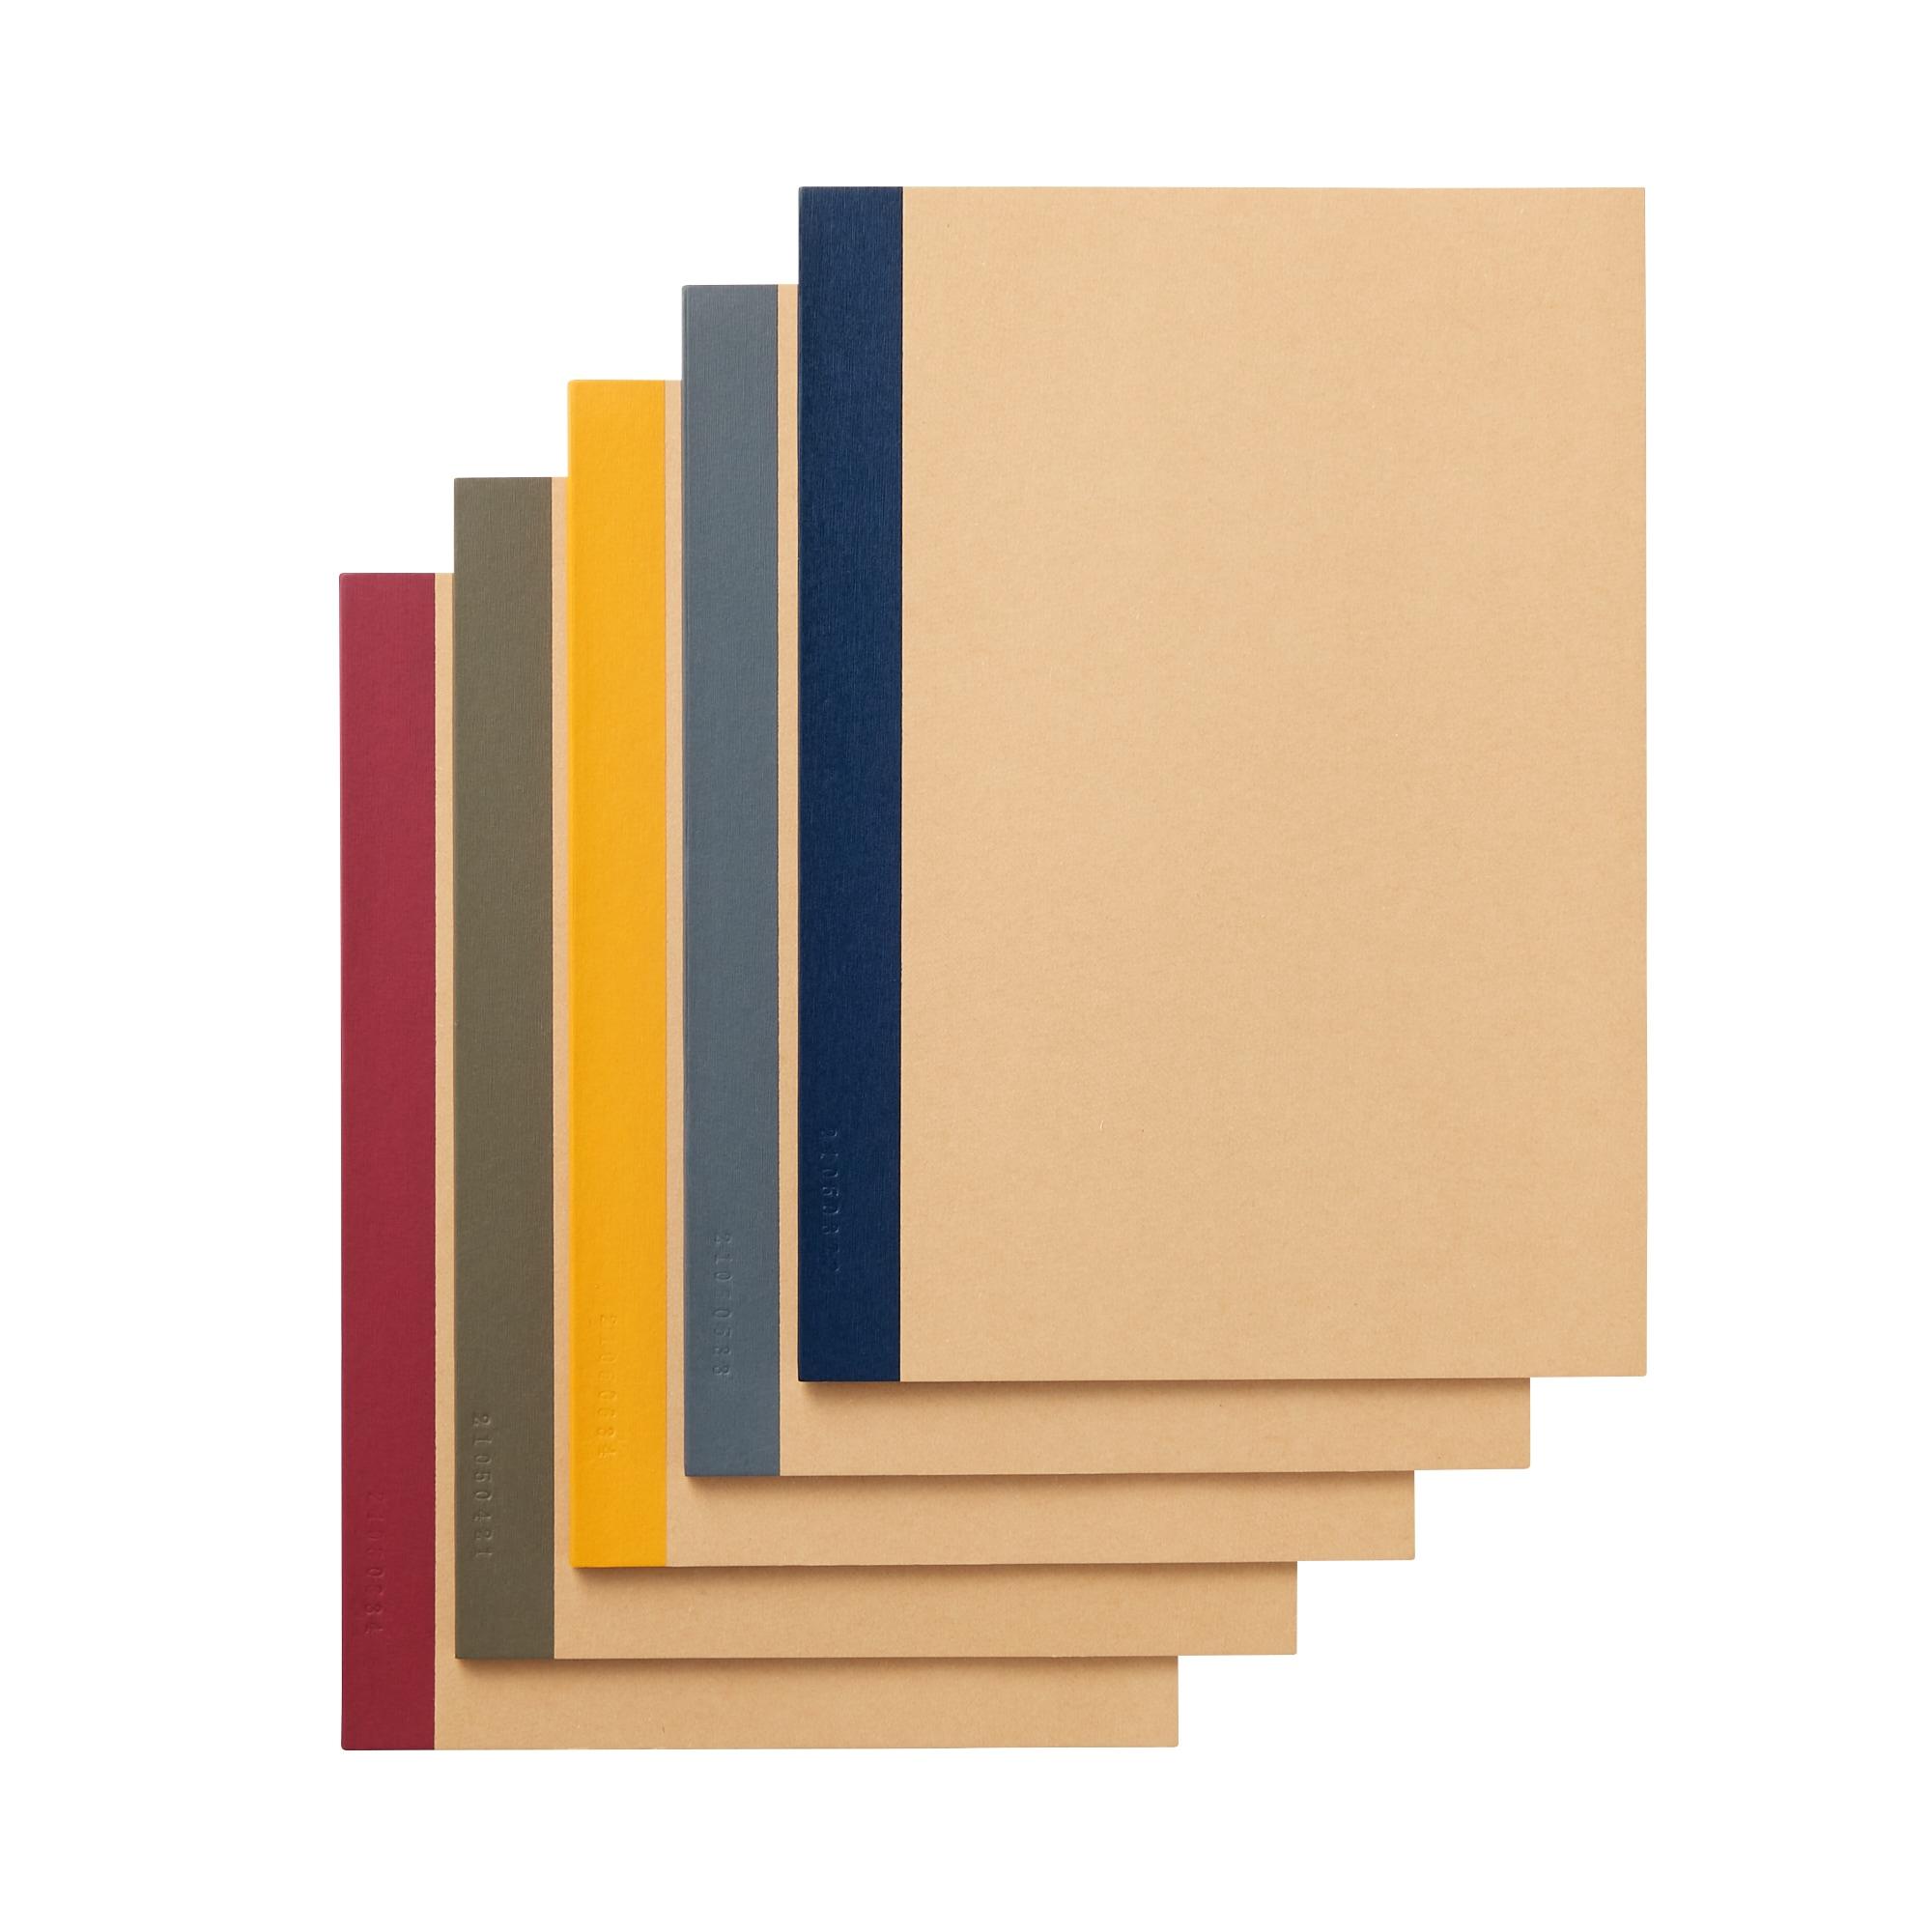 植林木ペーパー裏うつりしにくいノート5冊組 B5・30枚・6mm横罫・背クロス5色